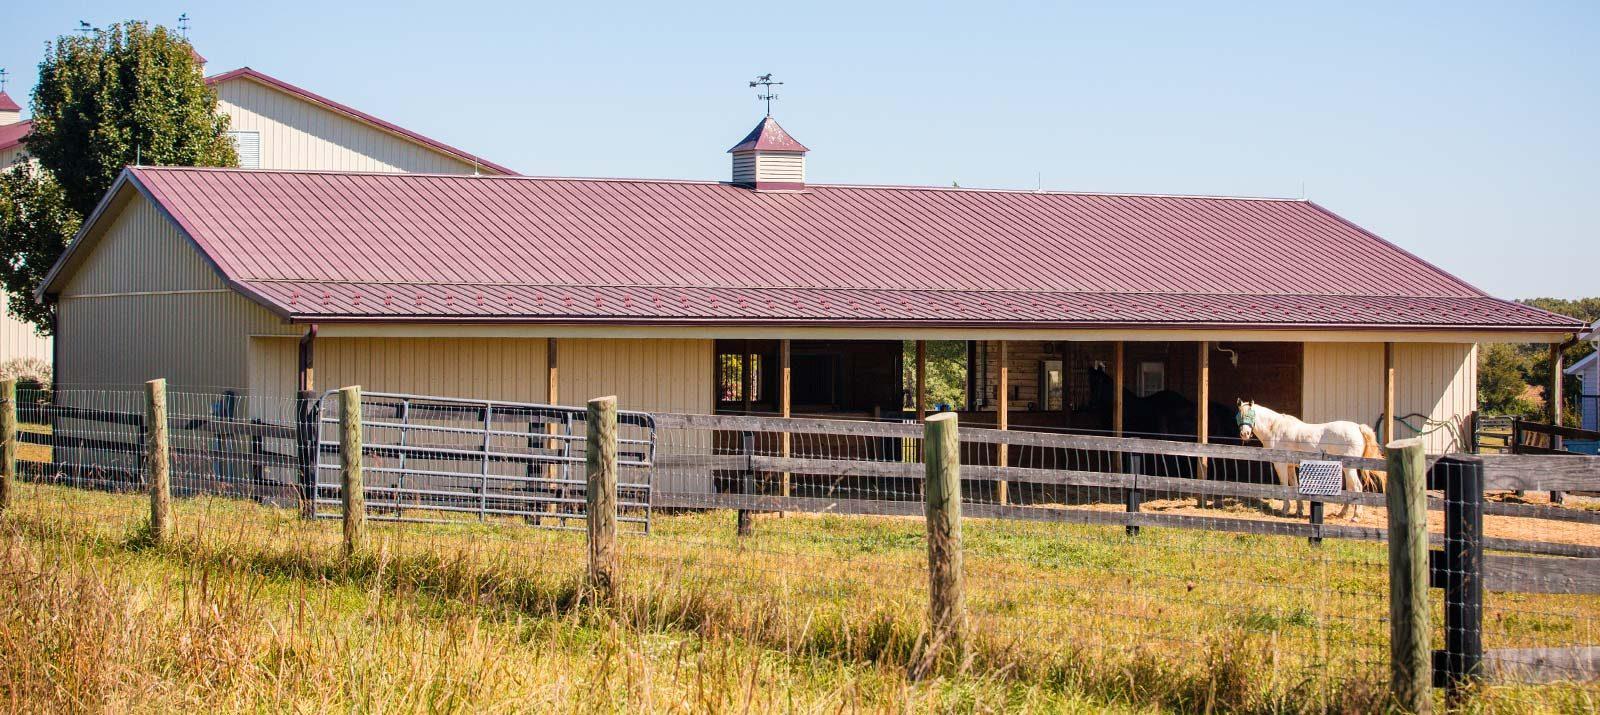 cb-slider-equine-barn-7